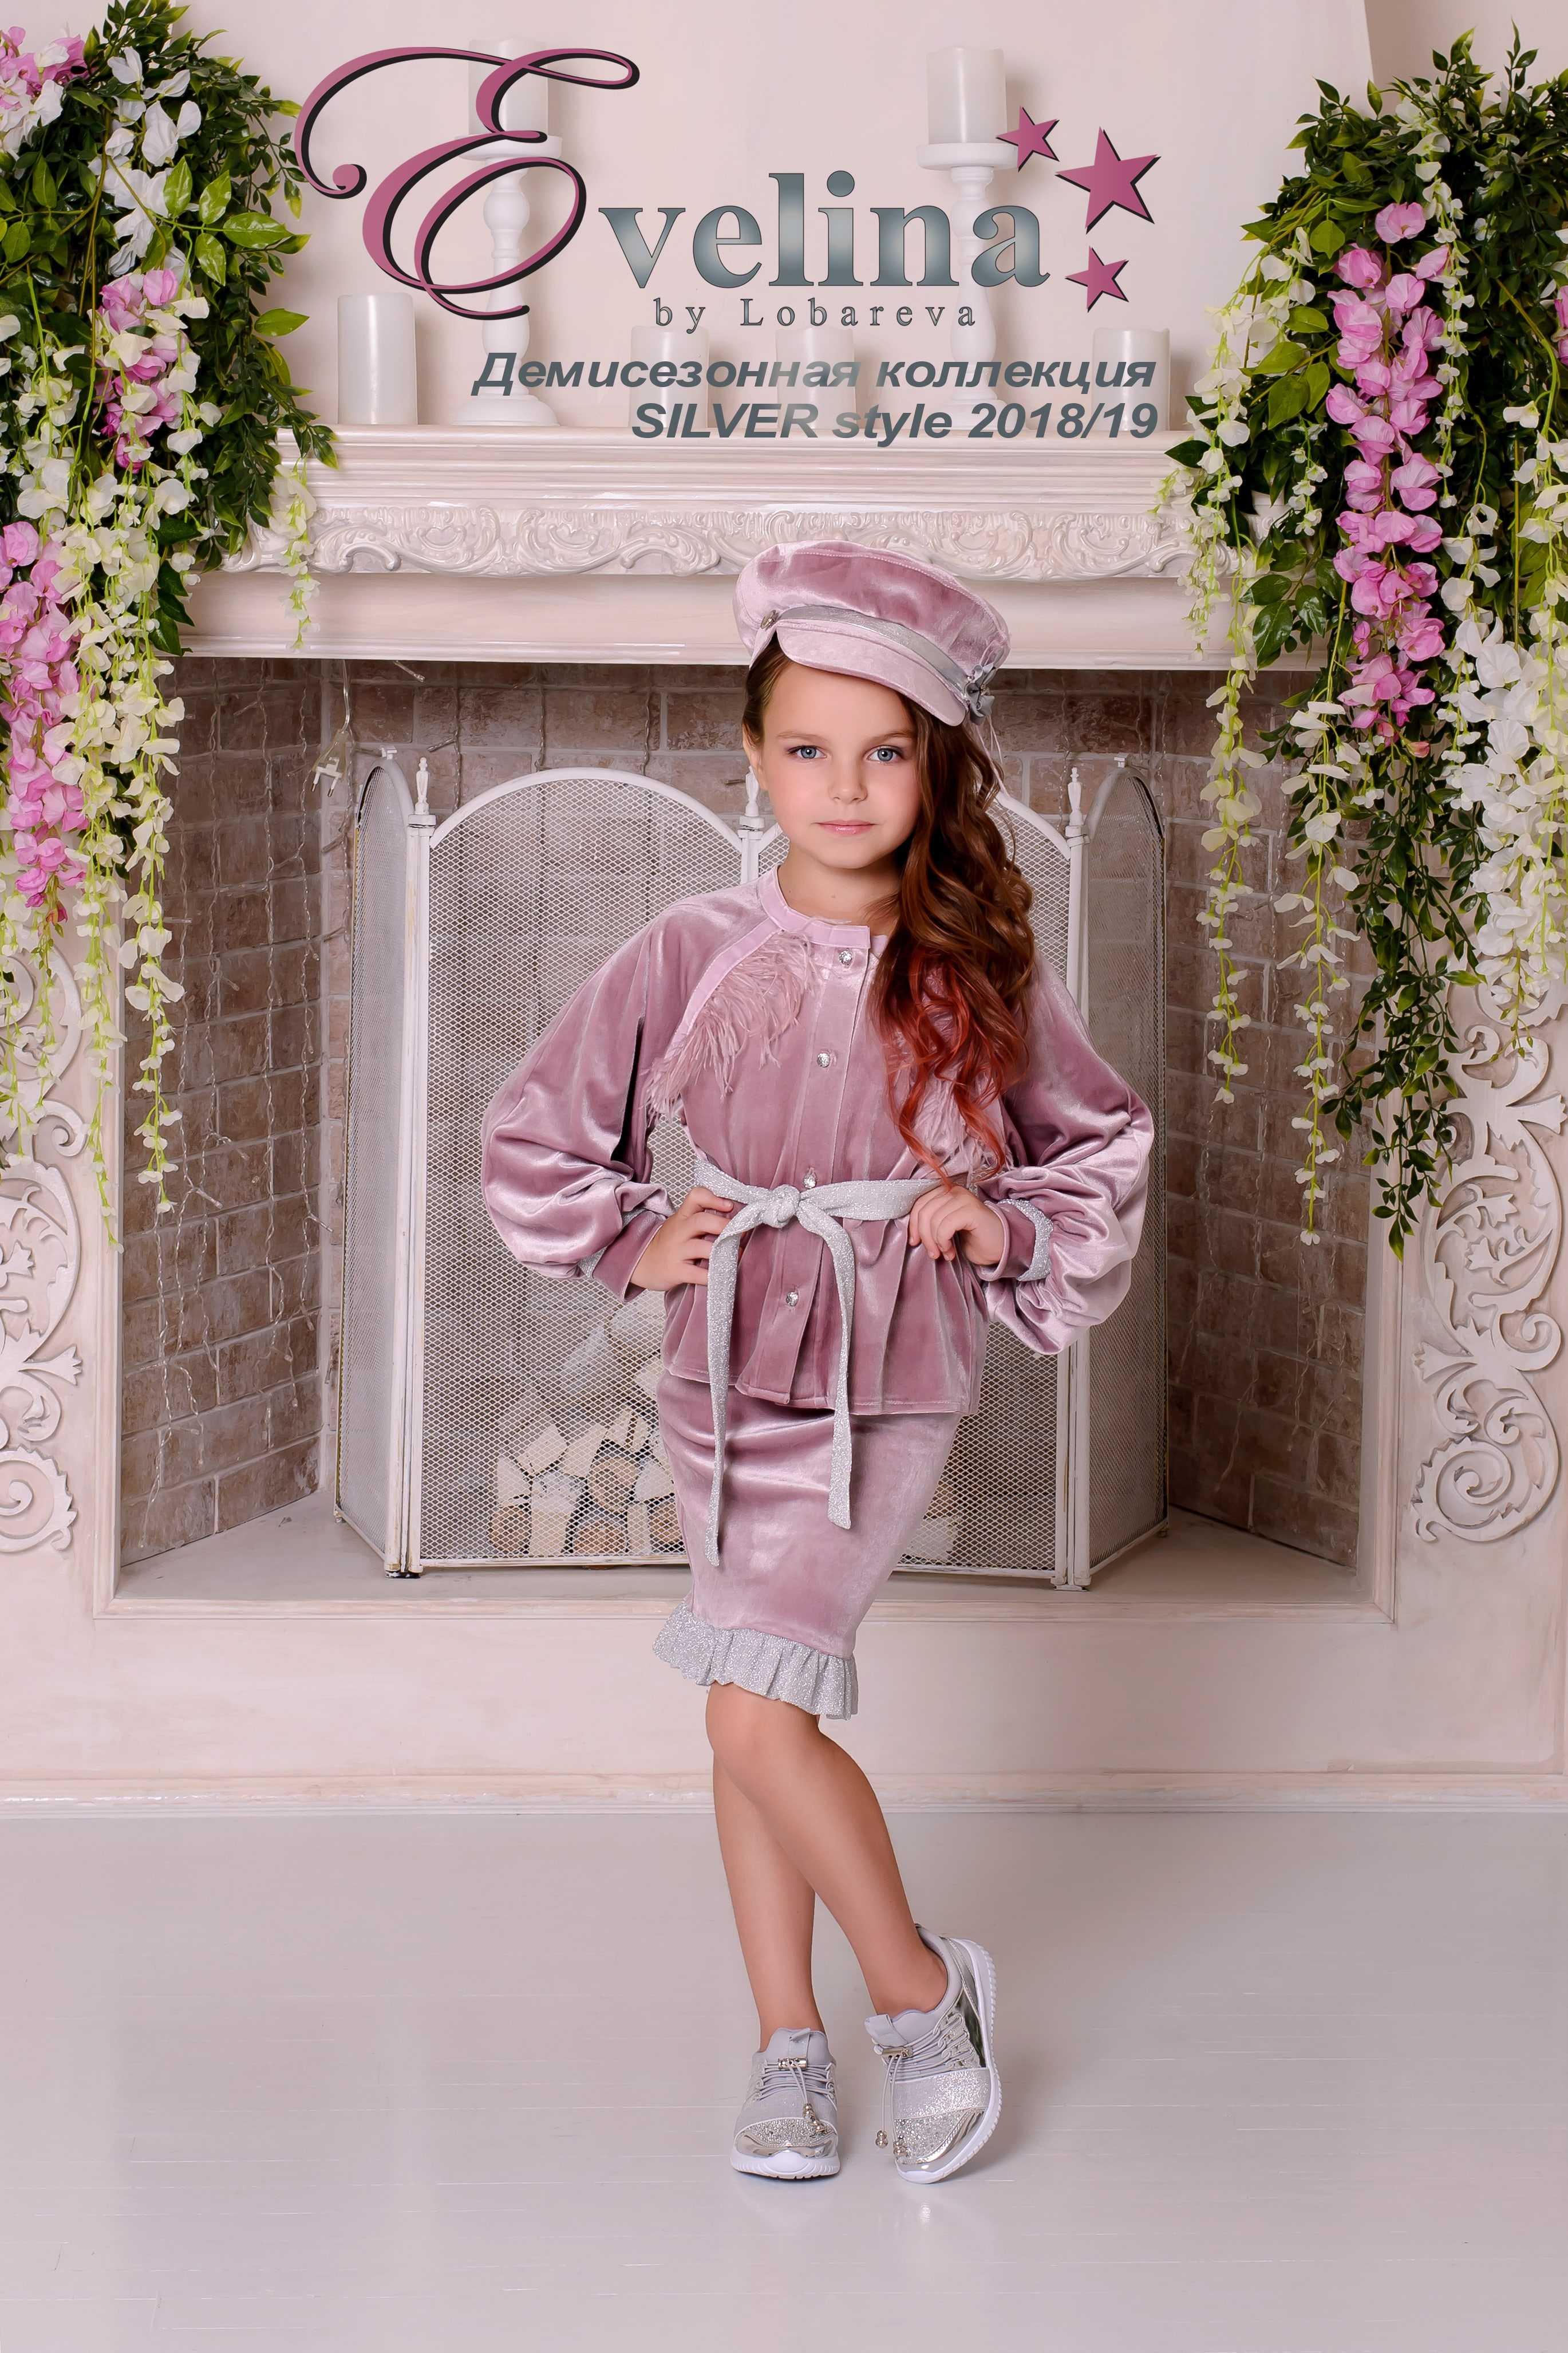 демисезонная коллекция детской одежды от EVELINA by Lobareva Украина 1-min